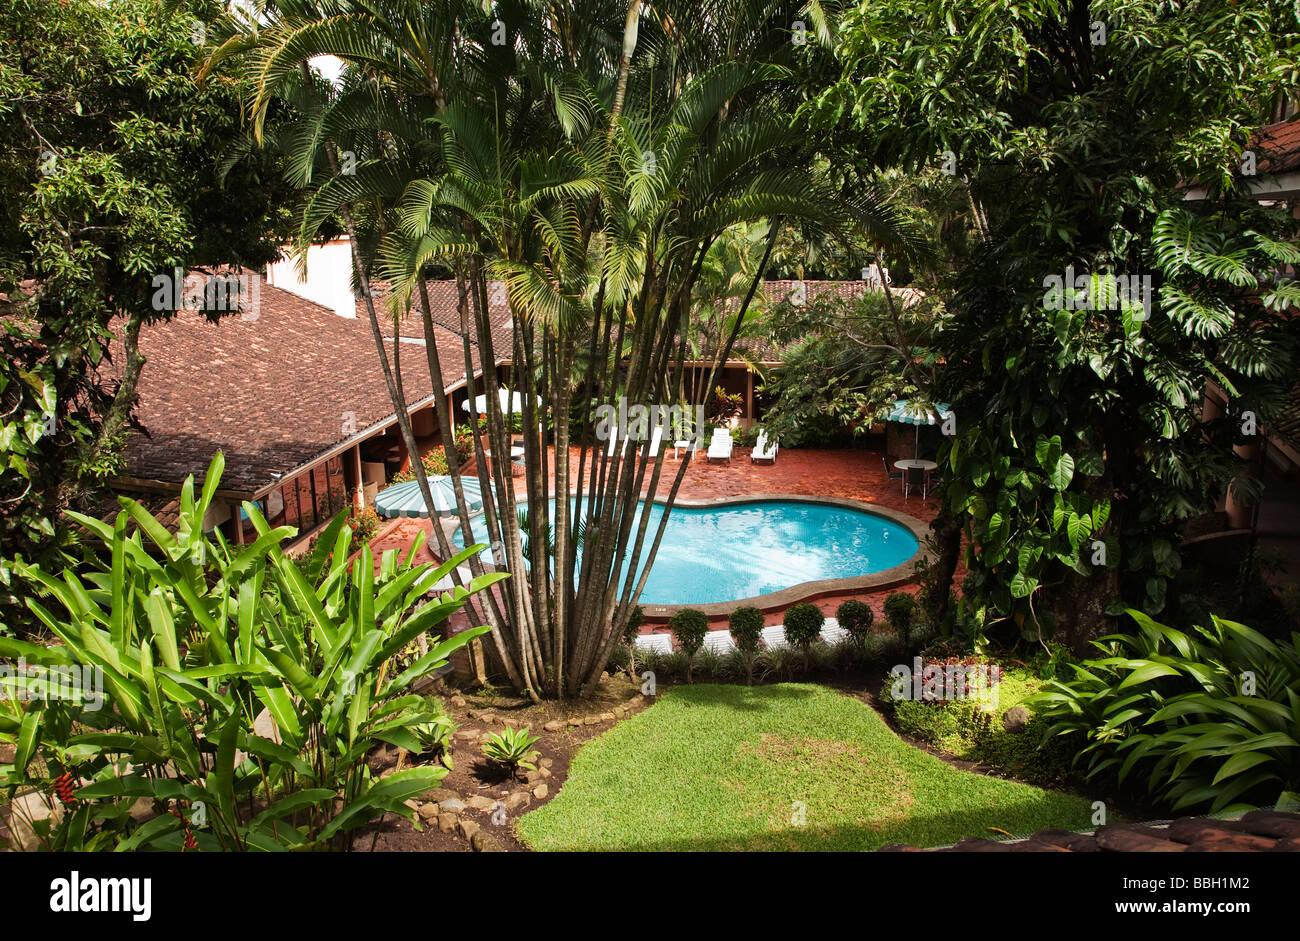 Costa Rica San Jose Tropical Garden And Swimming Pool San Gildar Hotel  Escazu